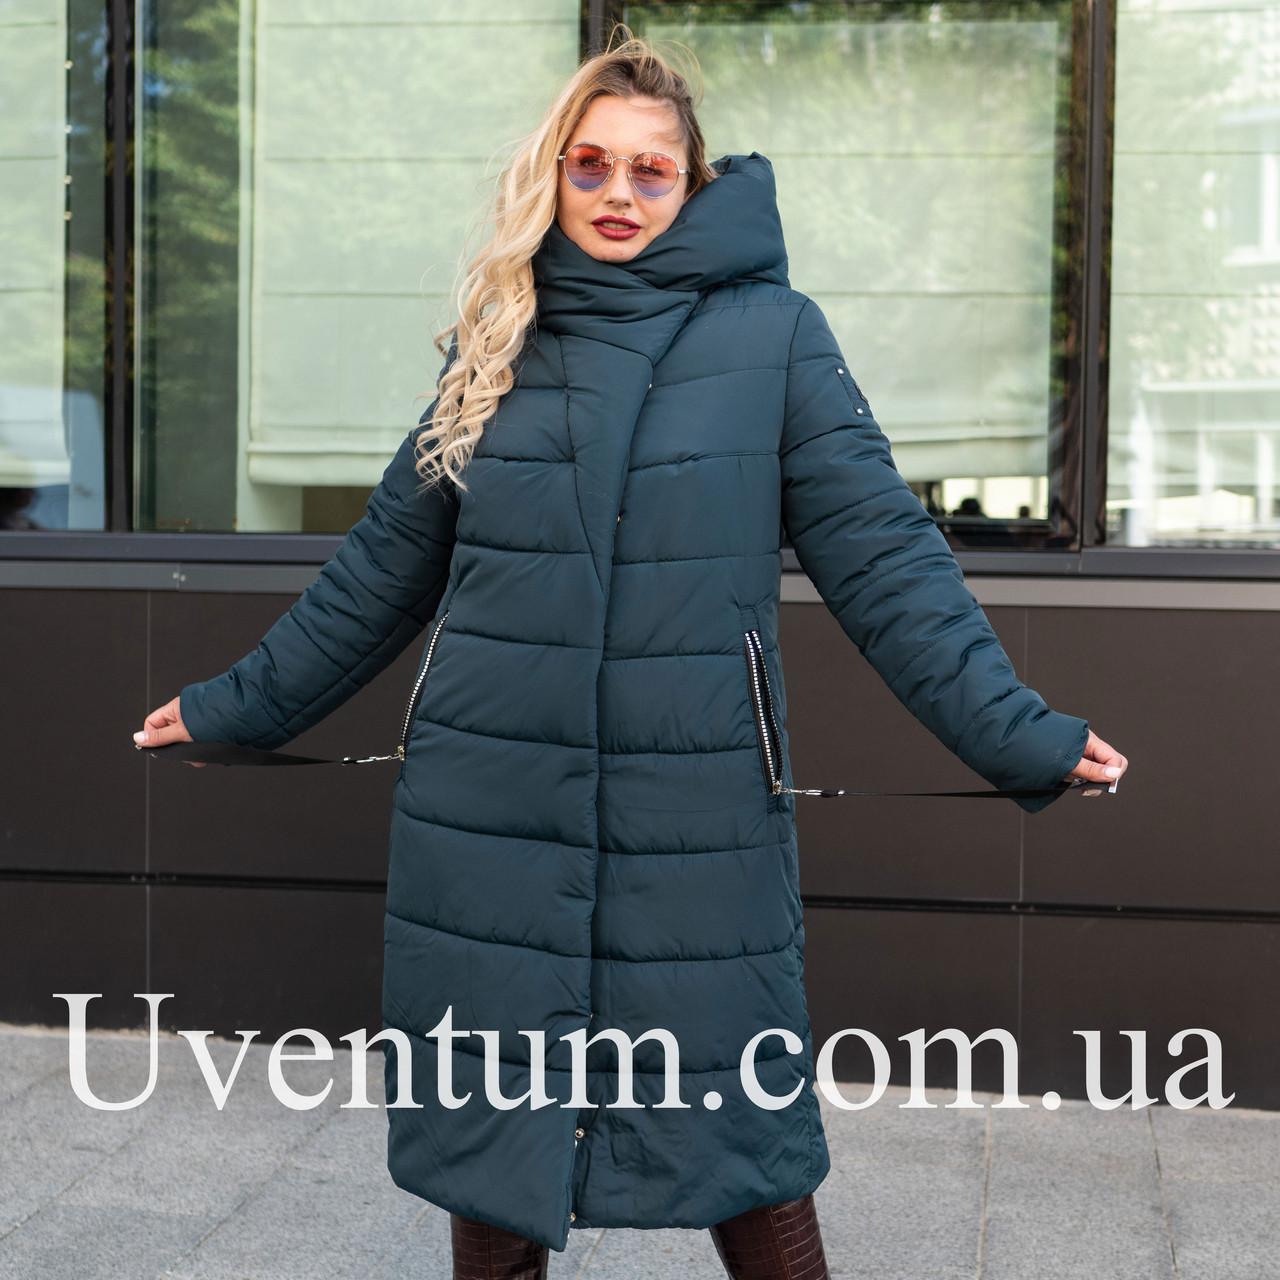 Жіночі зимові куртки великих розмірів 50,52,56,58,60 хвиля